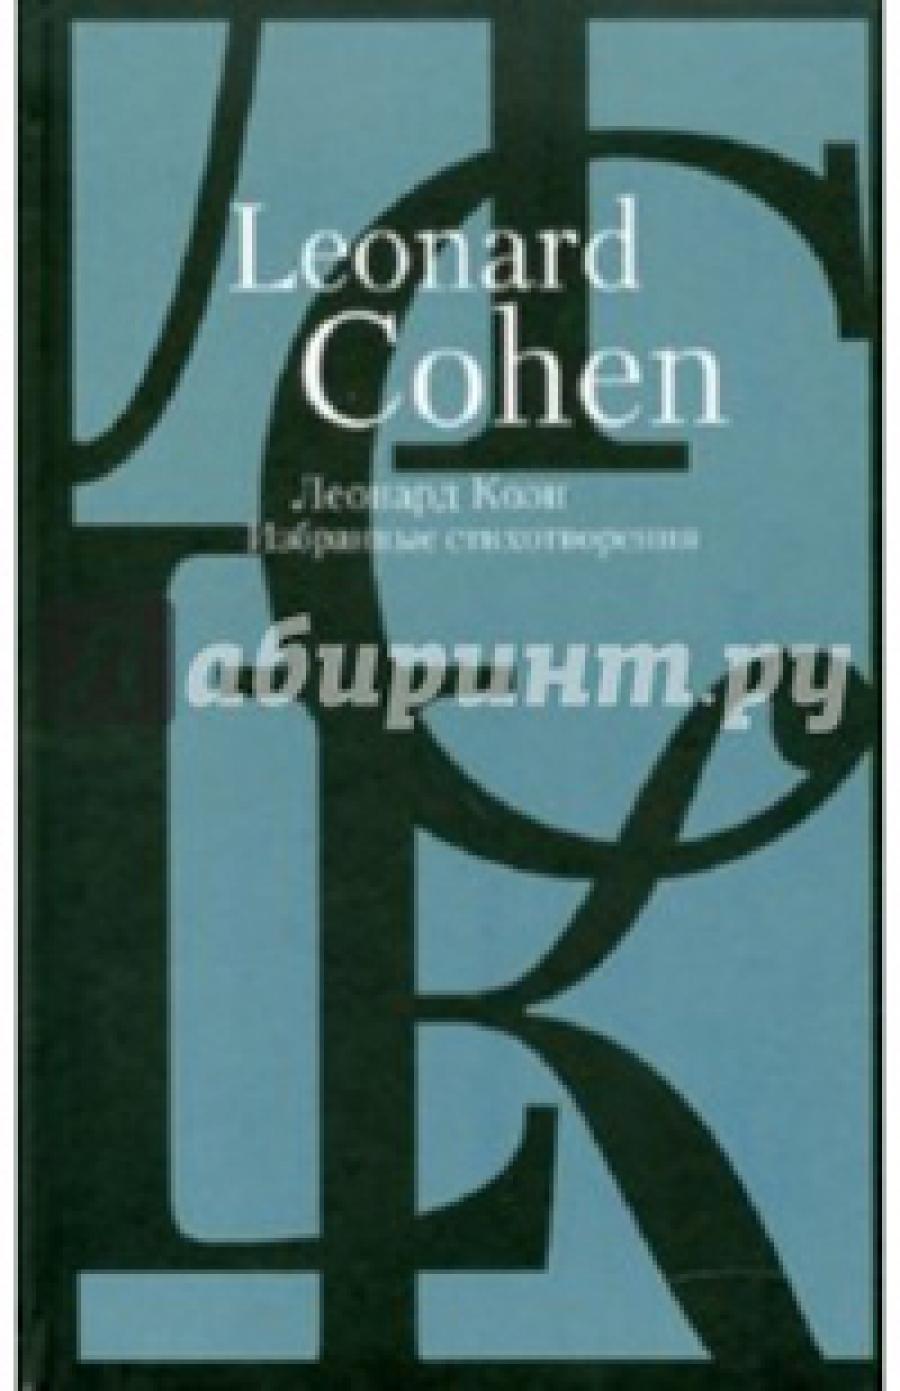 Леонард КОЭН. Избранные стихотворения в переводах с английского языка (16+).